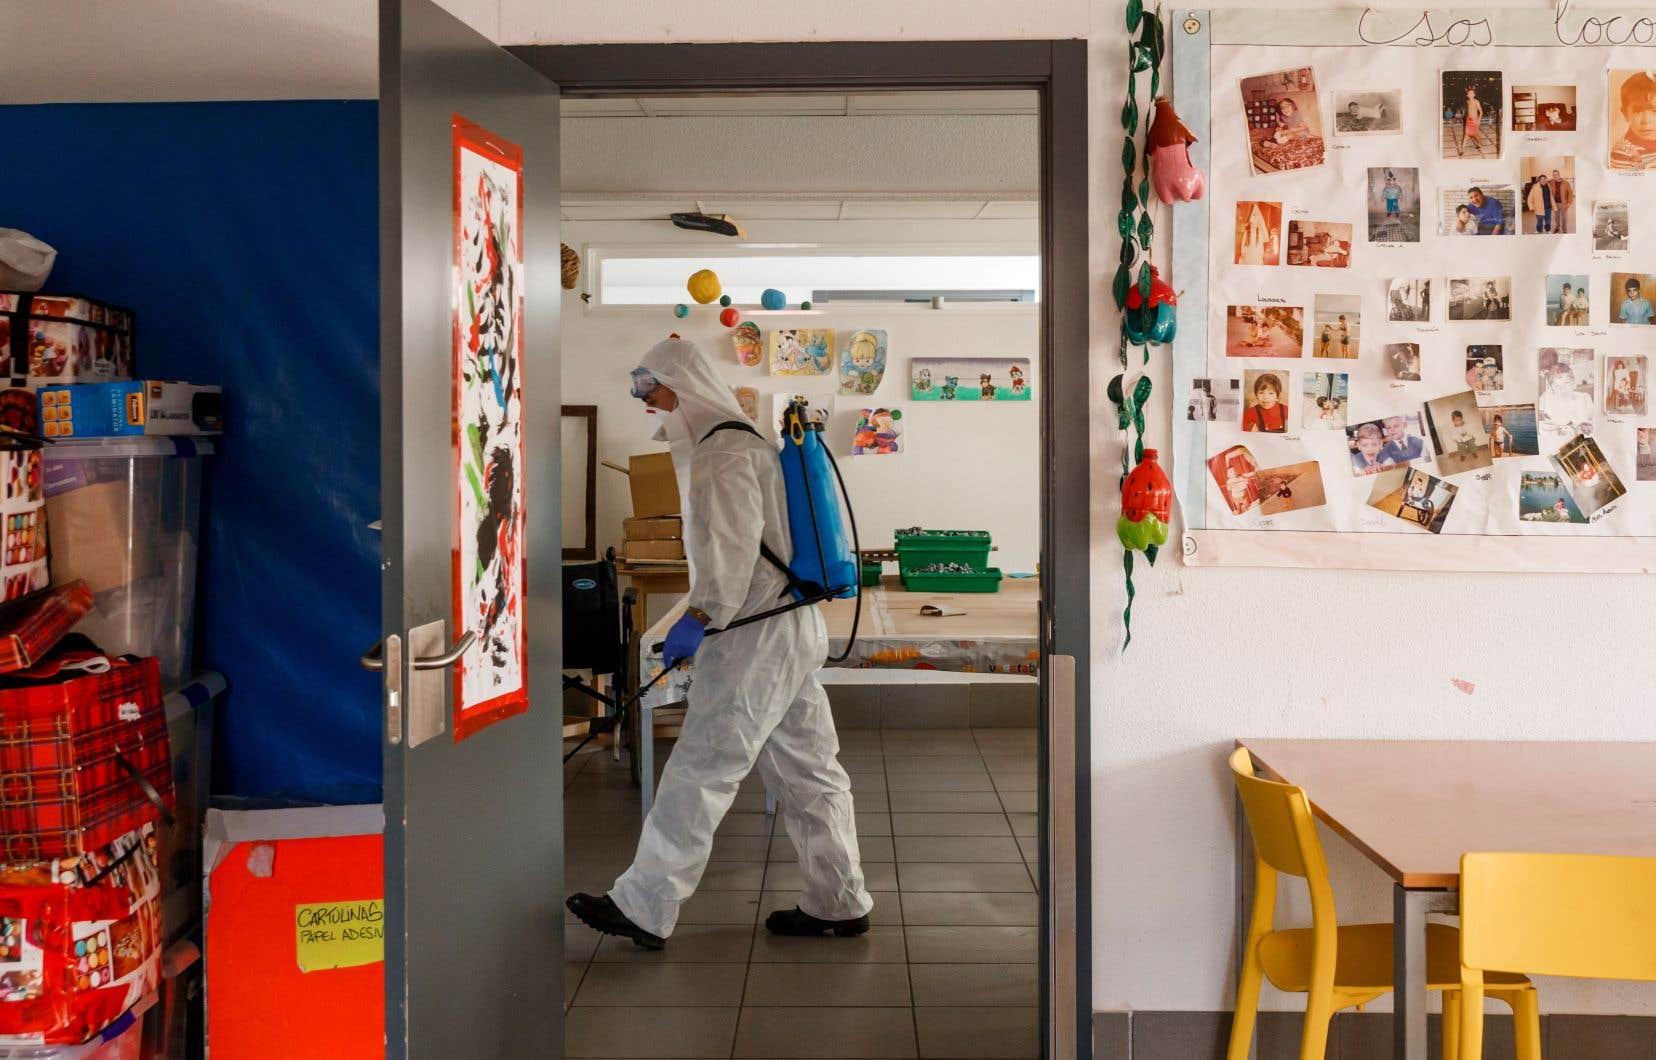 S'ils restent prudents, médecins et scientifiques appellent à ne pas relâcher les efforts, alors que quelque 60millions d'Italiens sont dans leur troisième semaine de confinement.